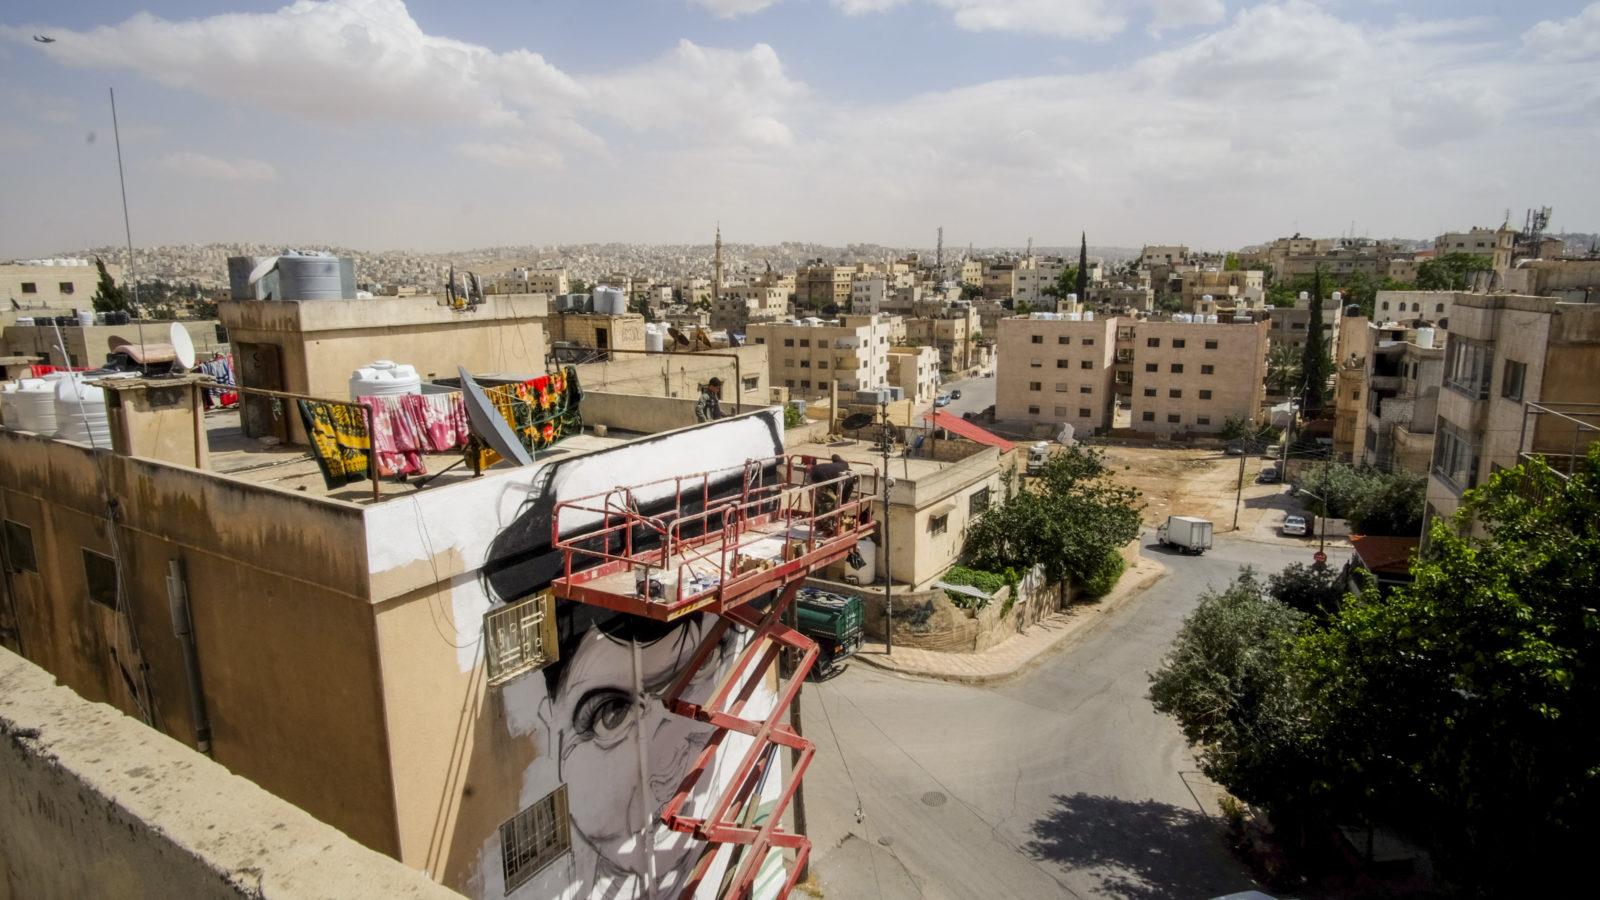 1805_Hombre_SWK_Baladk_Amman-5433